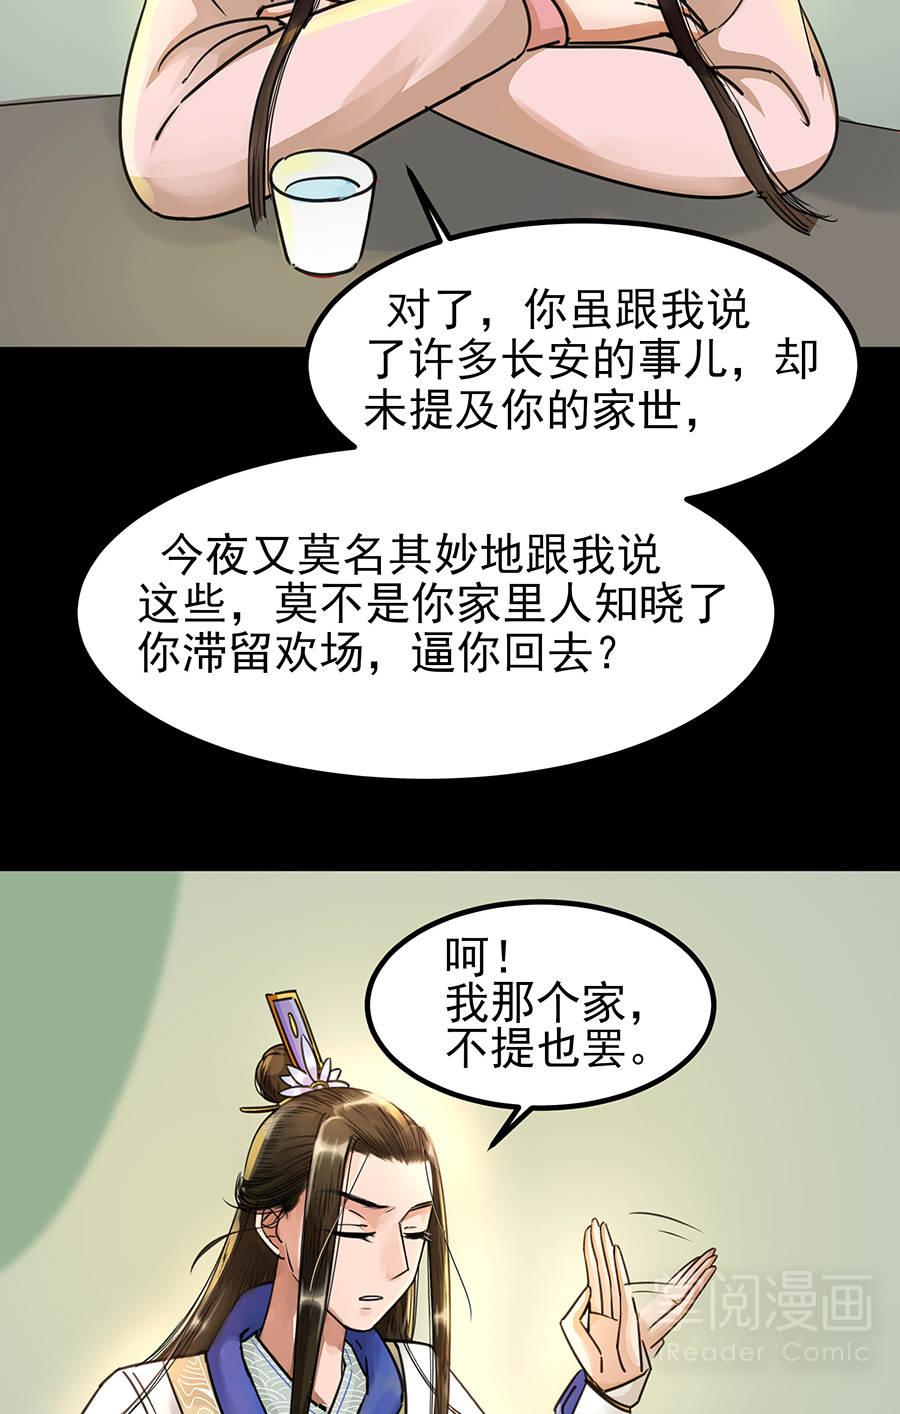 晚唐烟华第6话  思量 第 12